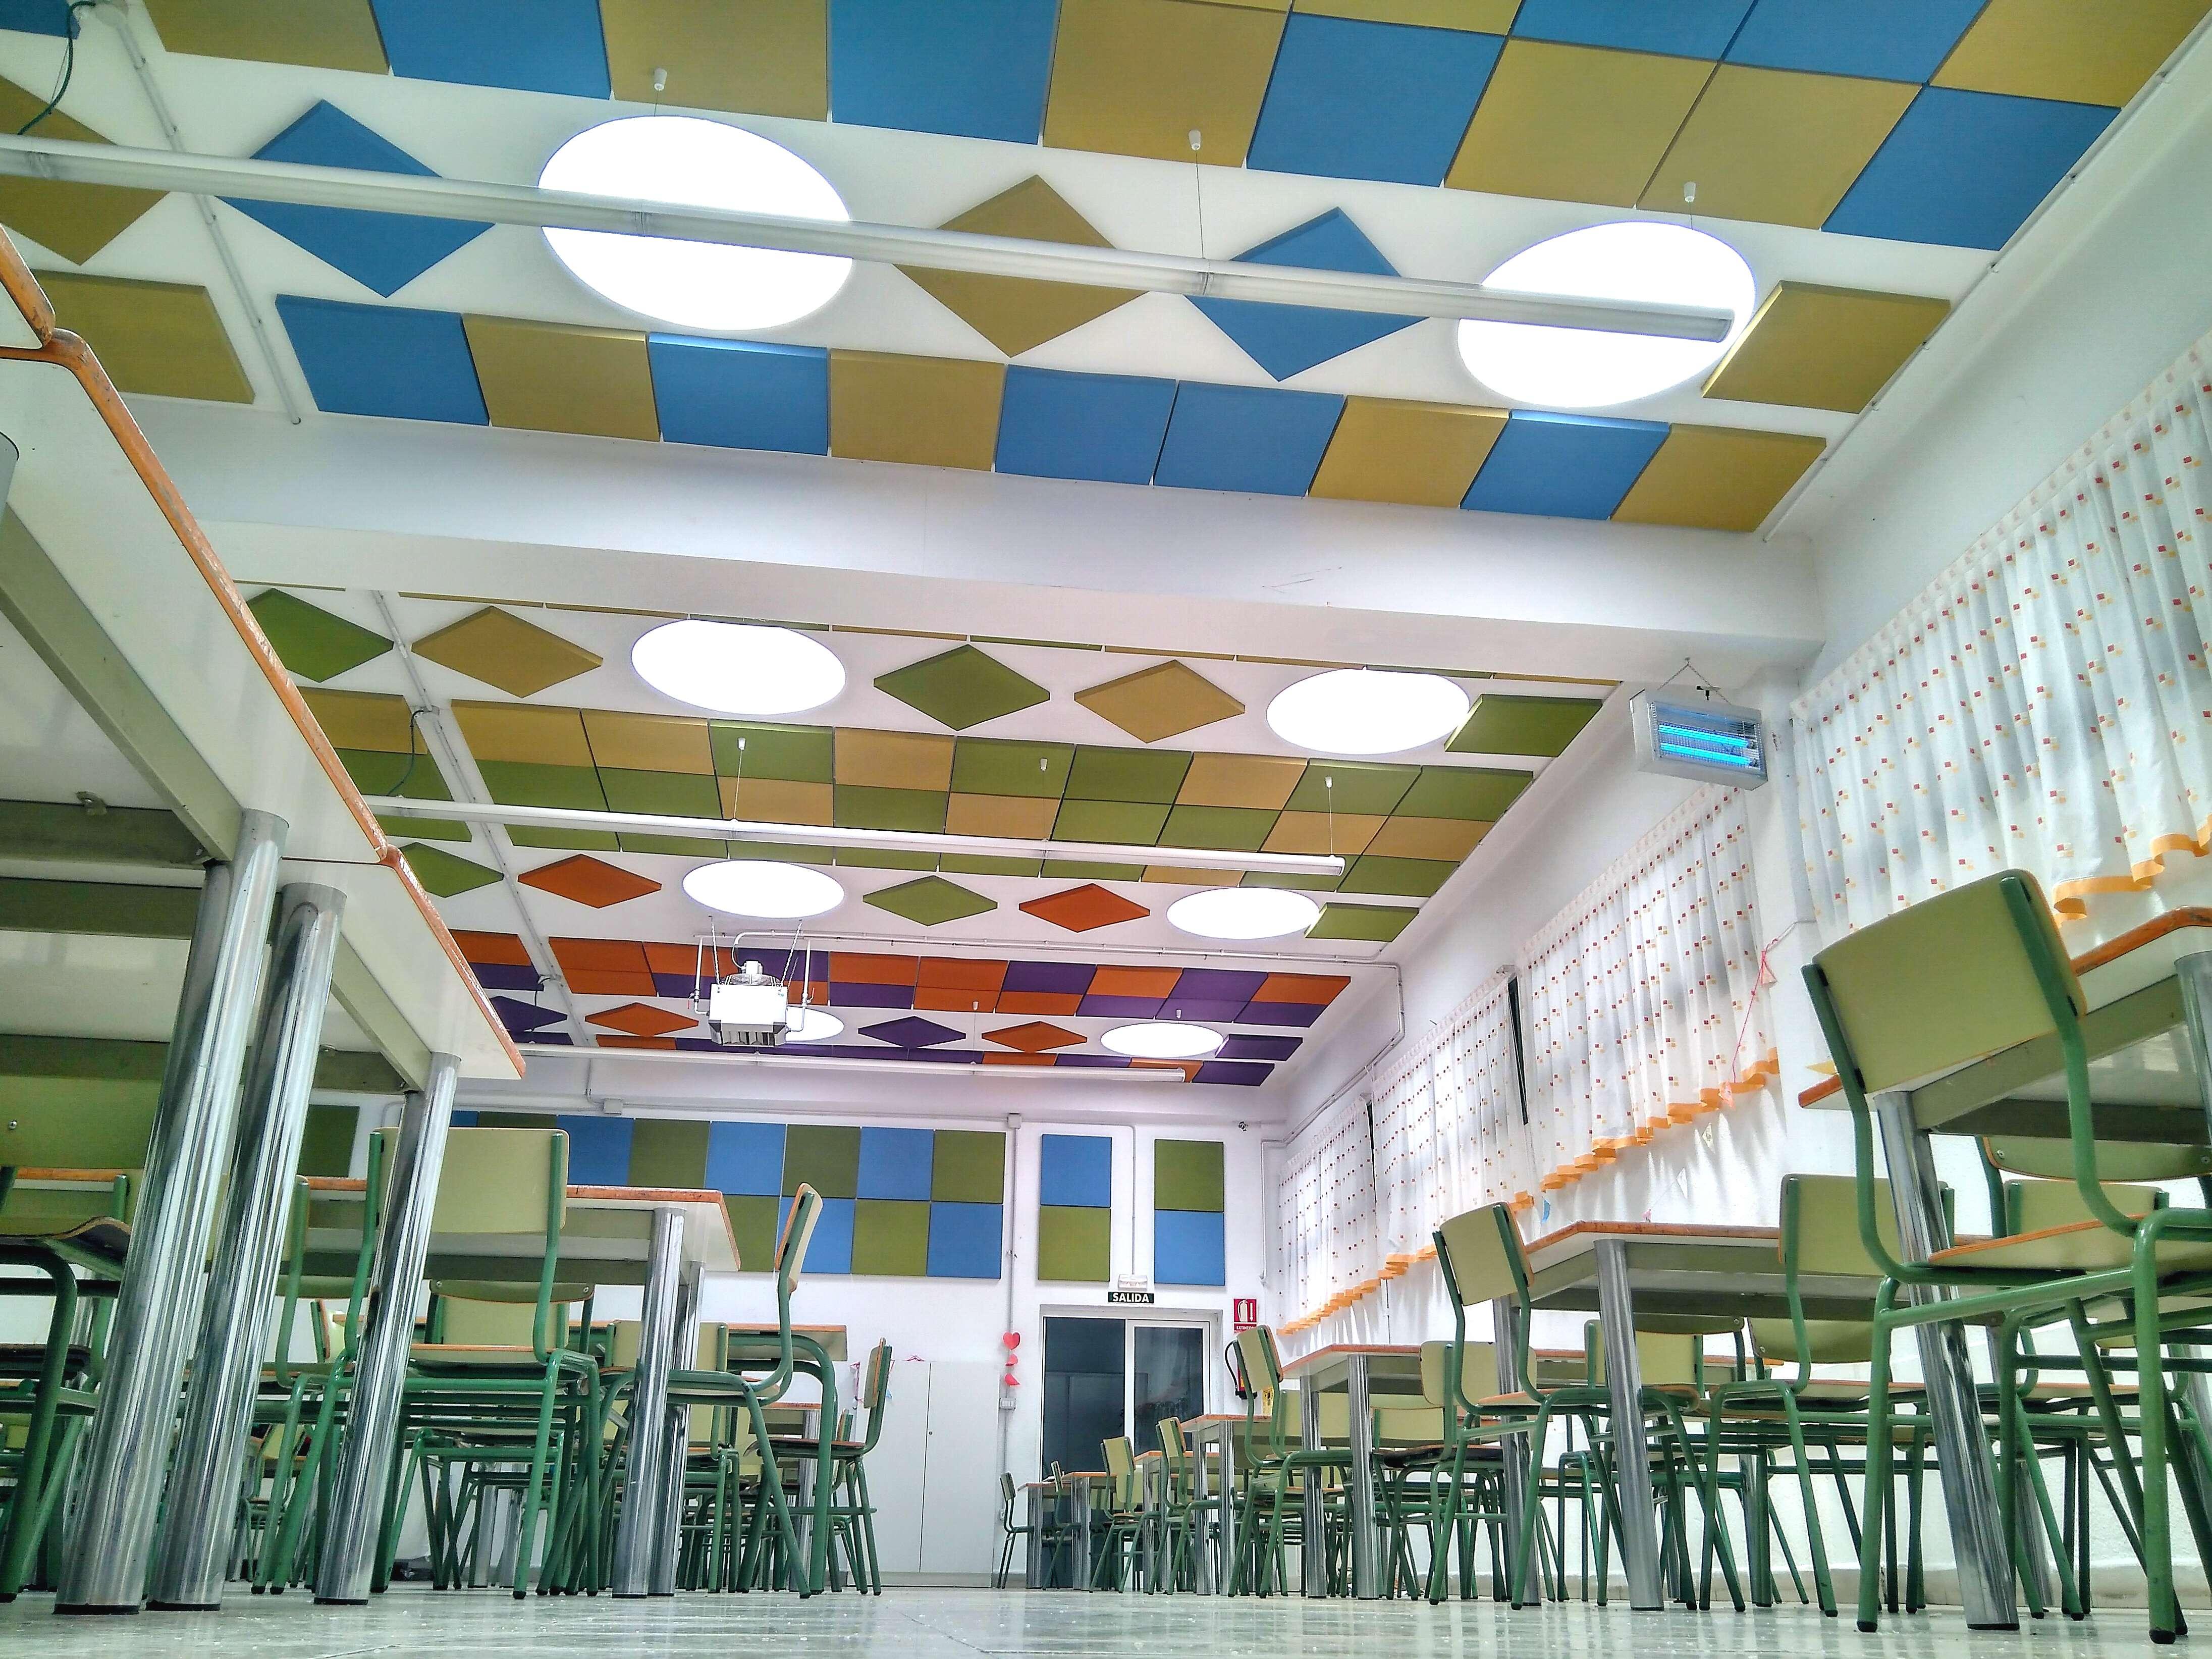 Combinacion de paneles acusticos de colores combinando formas decorativas en comedor escolar